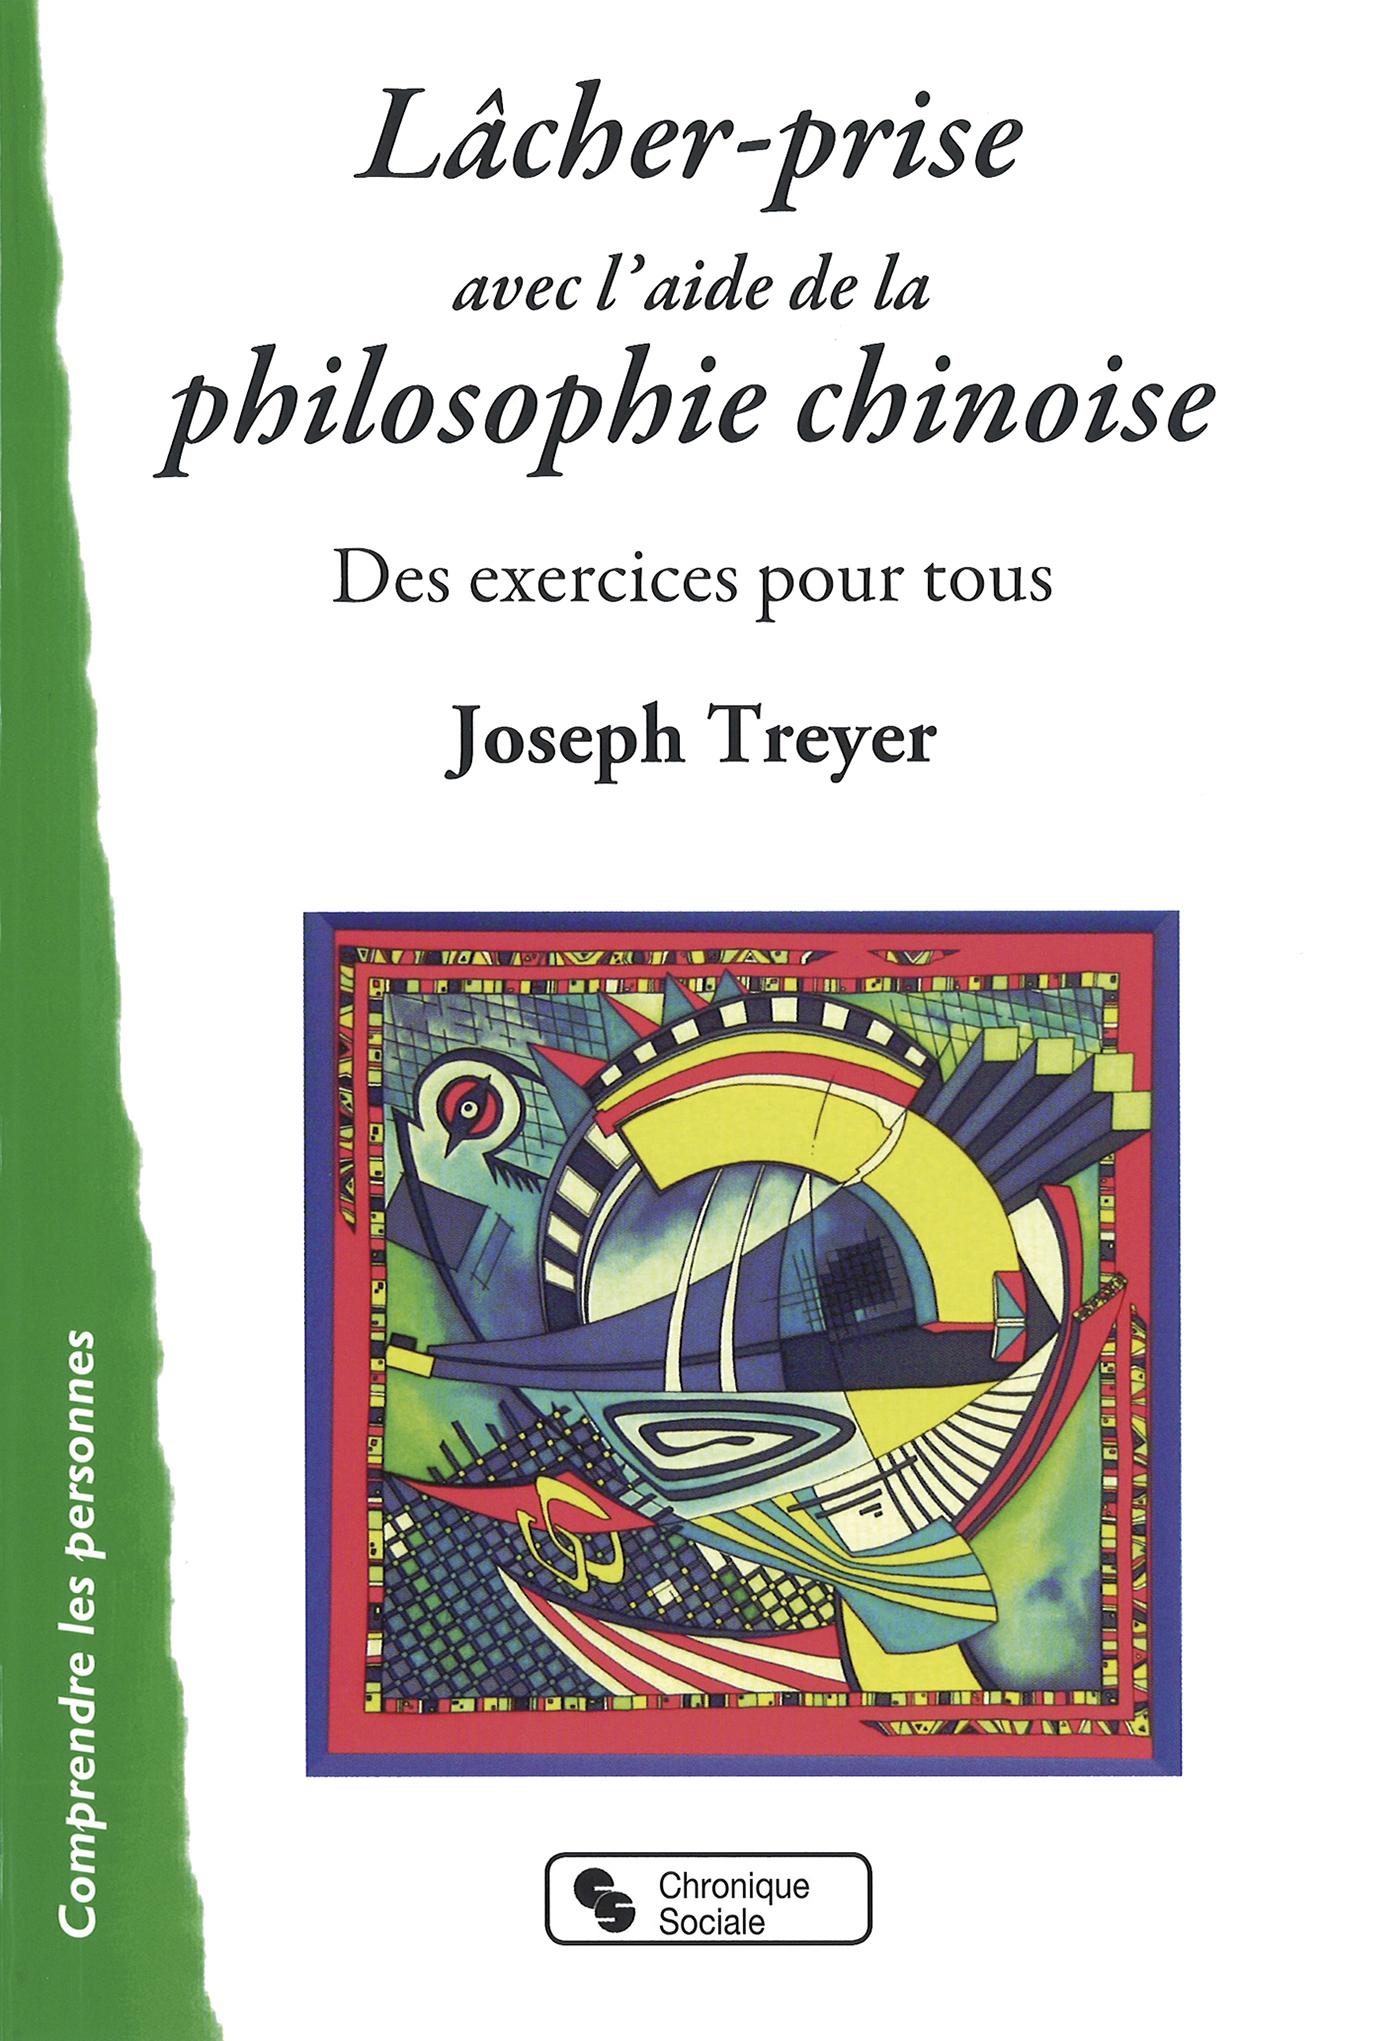 Lâcher-prise avec l'aide de la philosophie chinoise